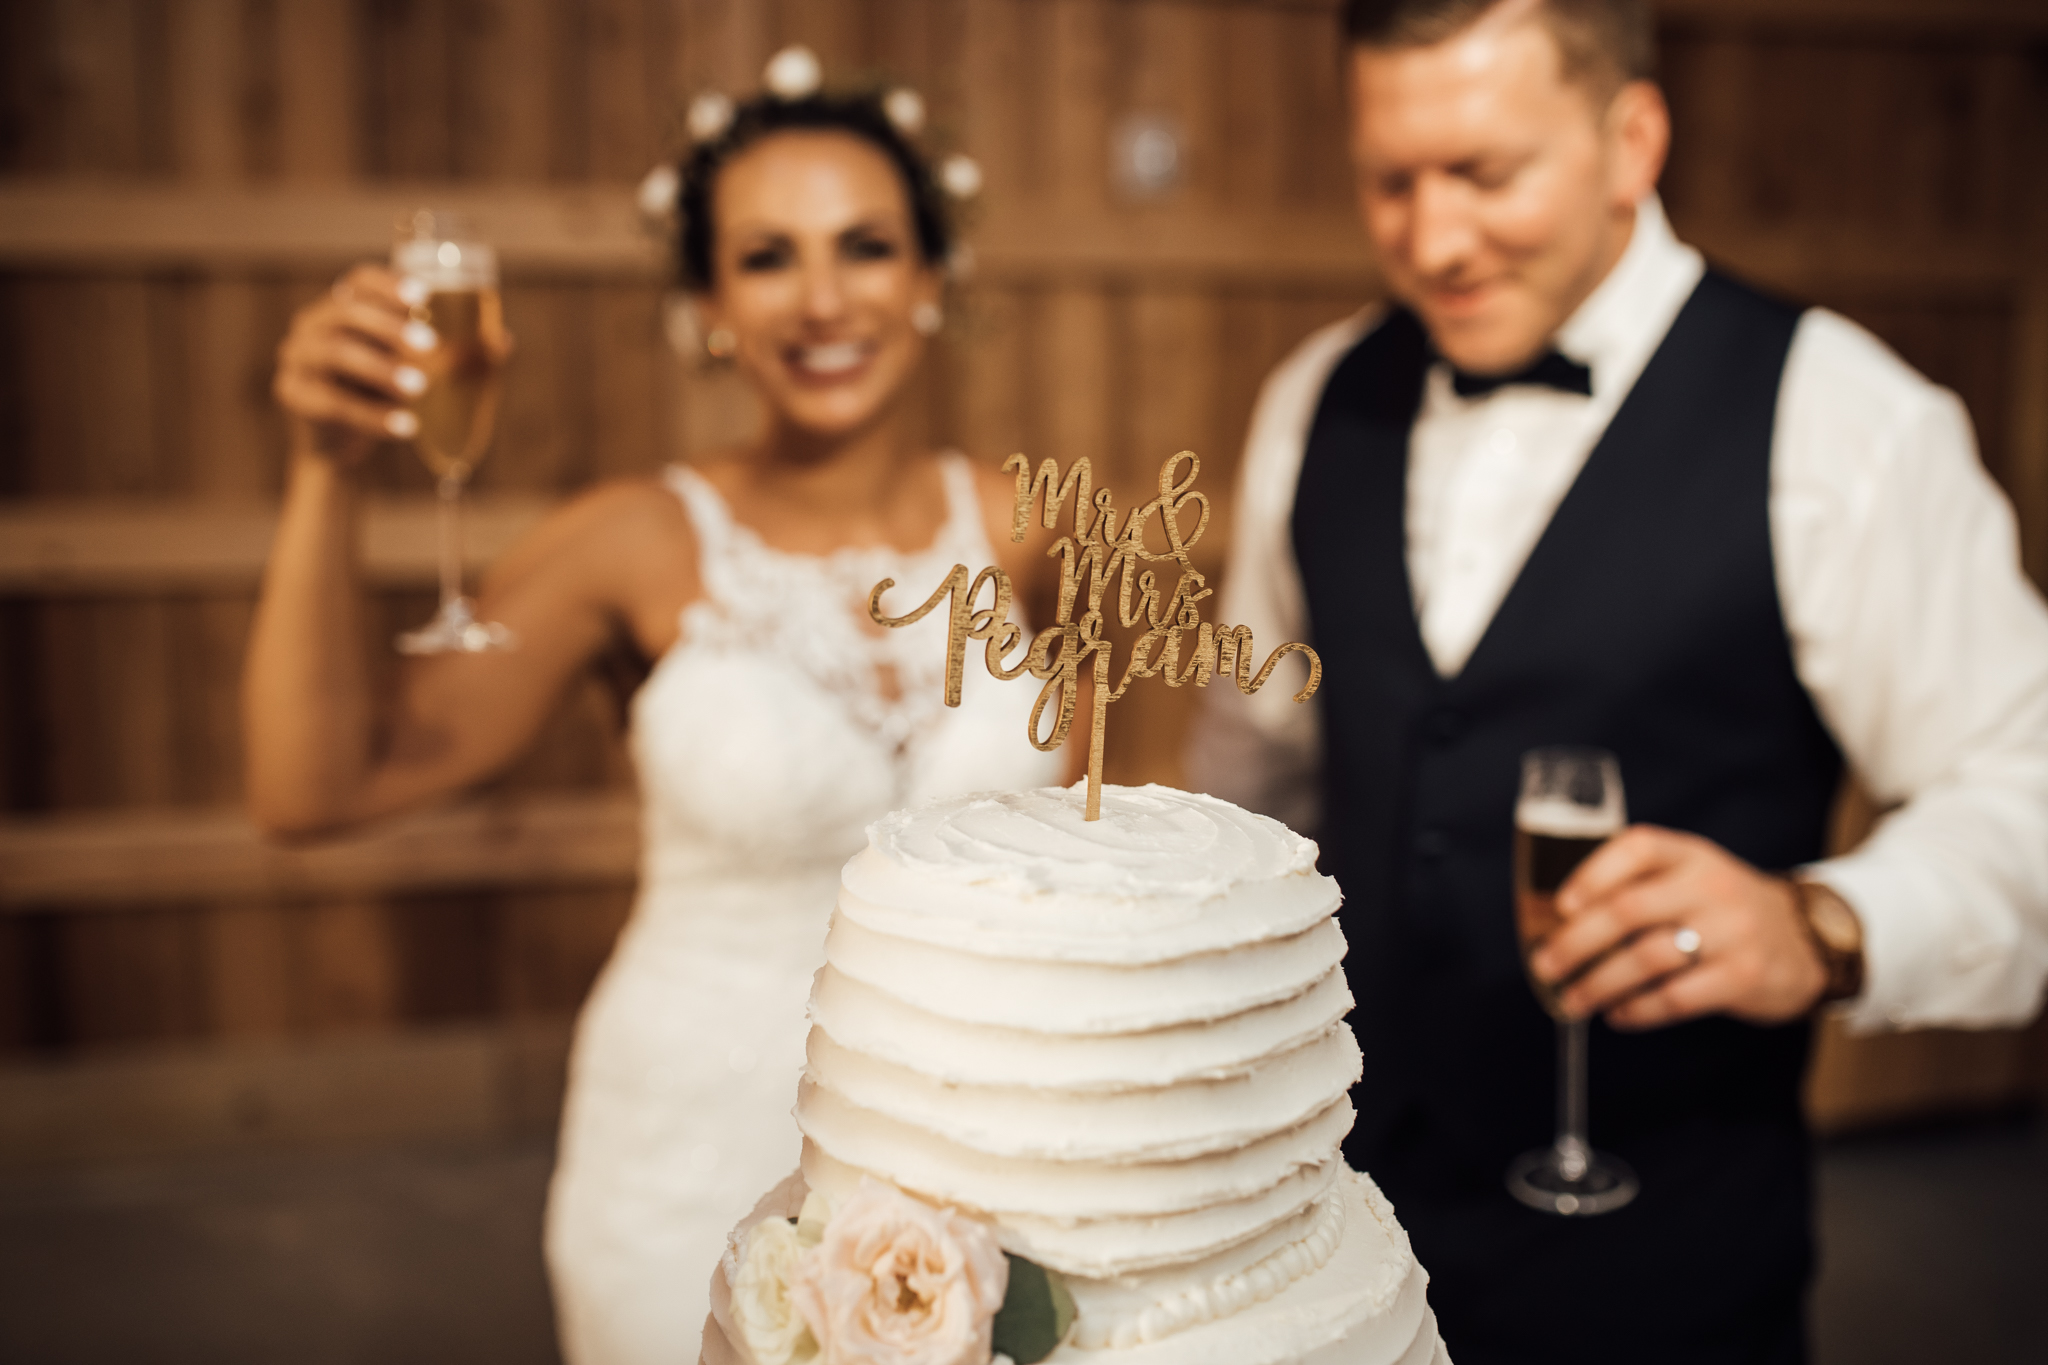 saddlewoodsfarms-nashville-wedding-photographer-thewarmtharoundyou-rustic-wedding (70 of 251).jpg